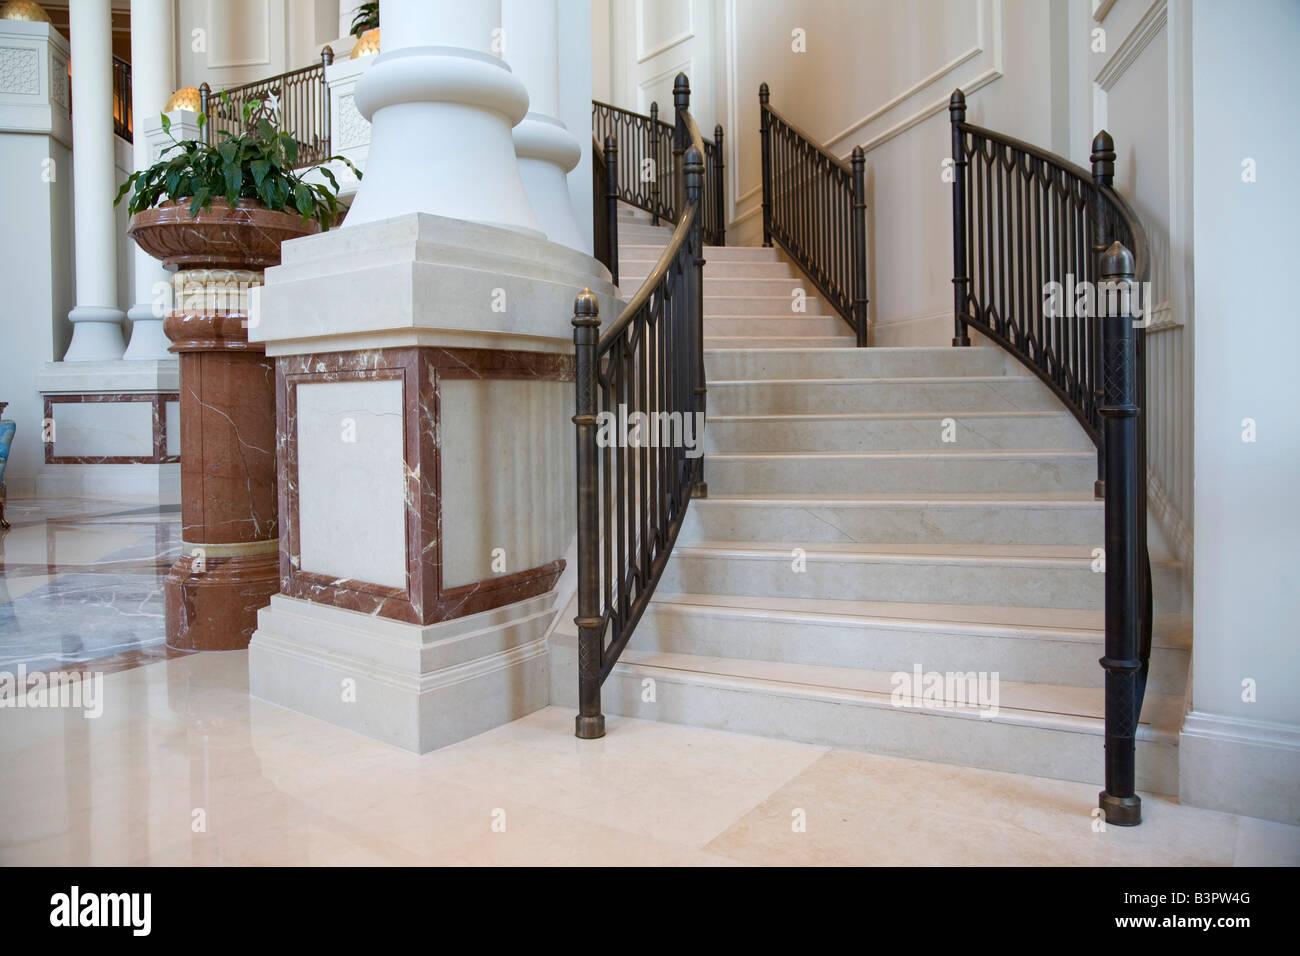 El Four Seasons Hotel de 5 estrellas de lujo de Doha (Qatar) Imagen De Stock